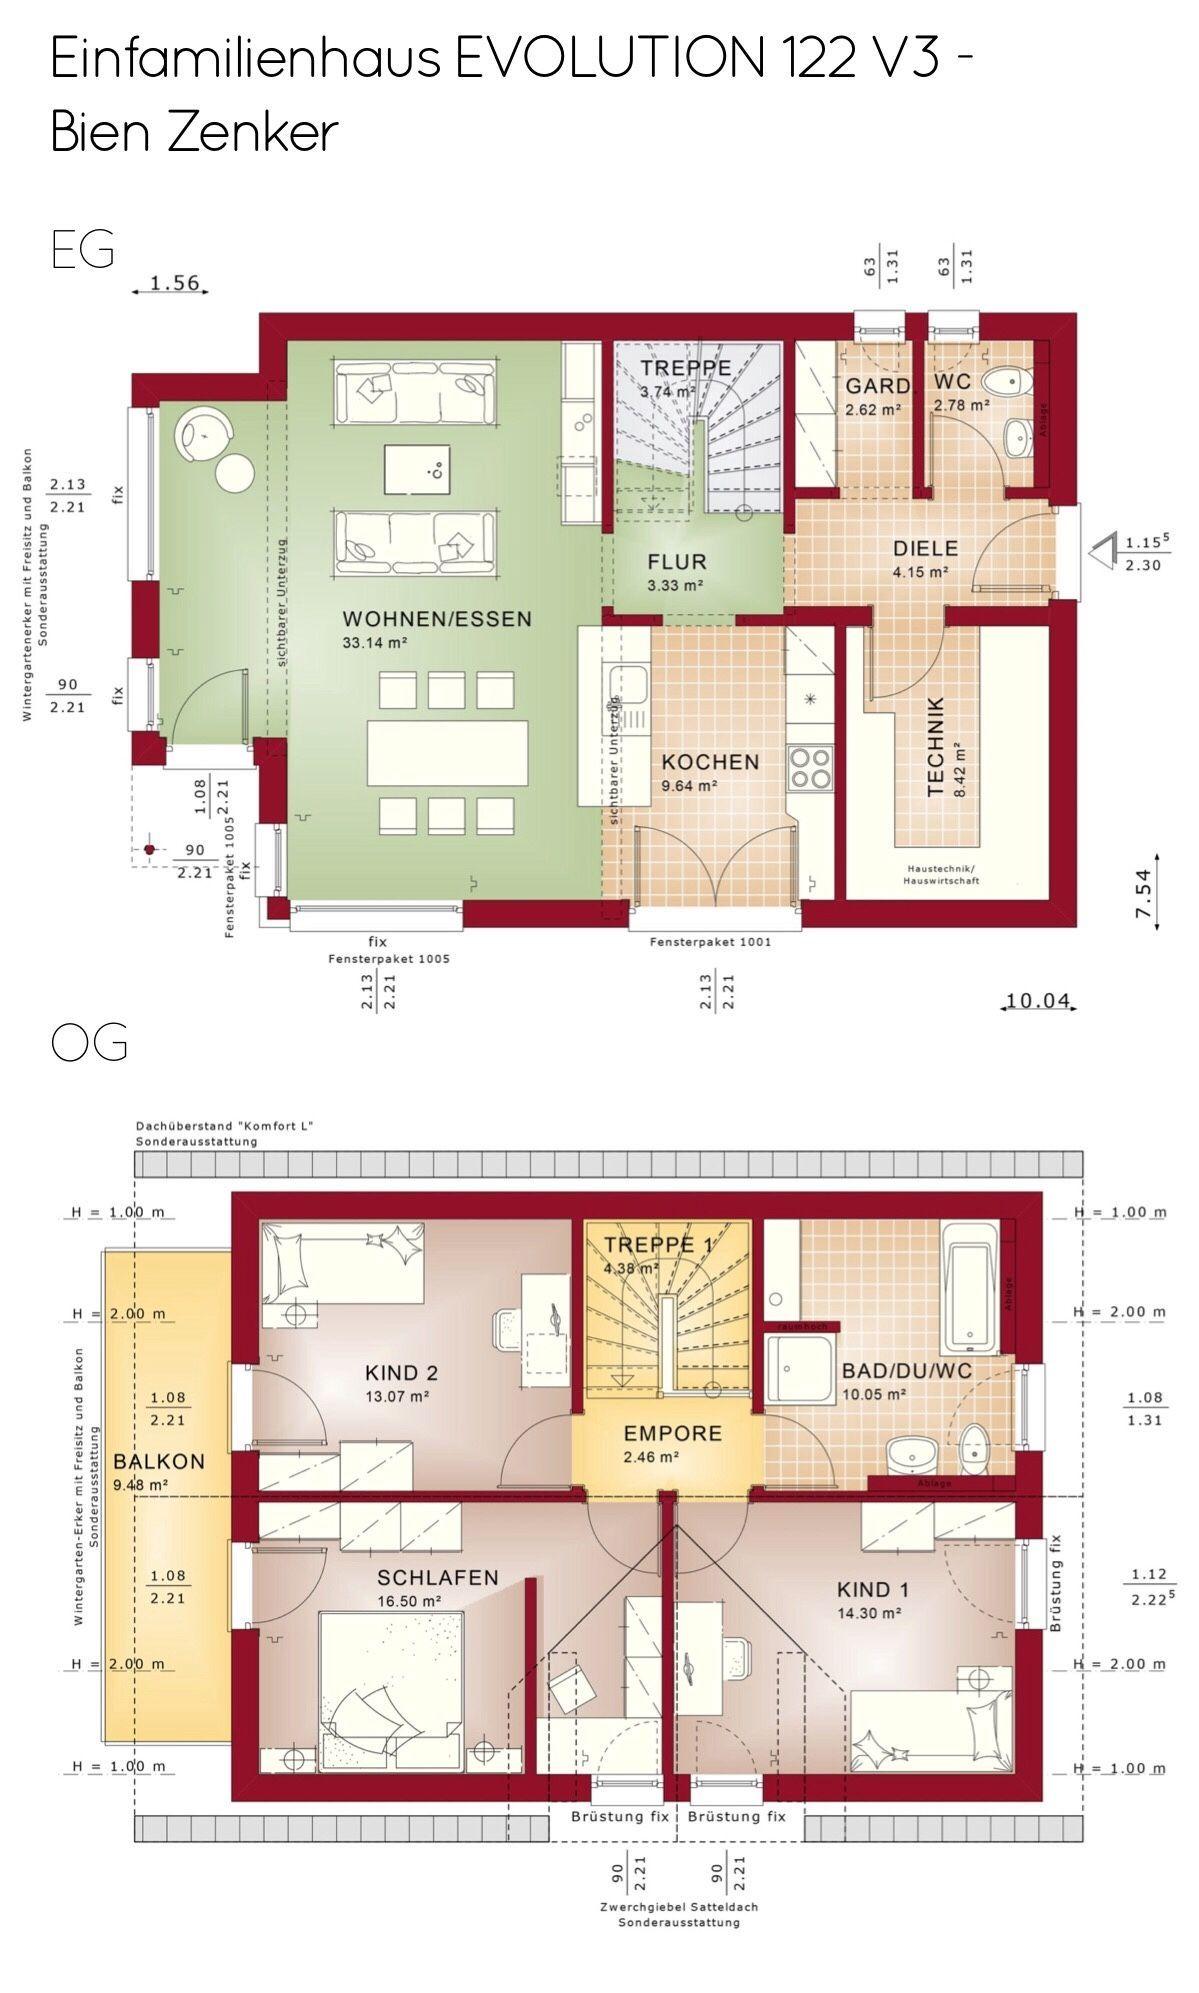 Grundriss Einfamilienhaus mit Satteldach & Zwerchgiebel